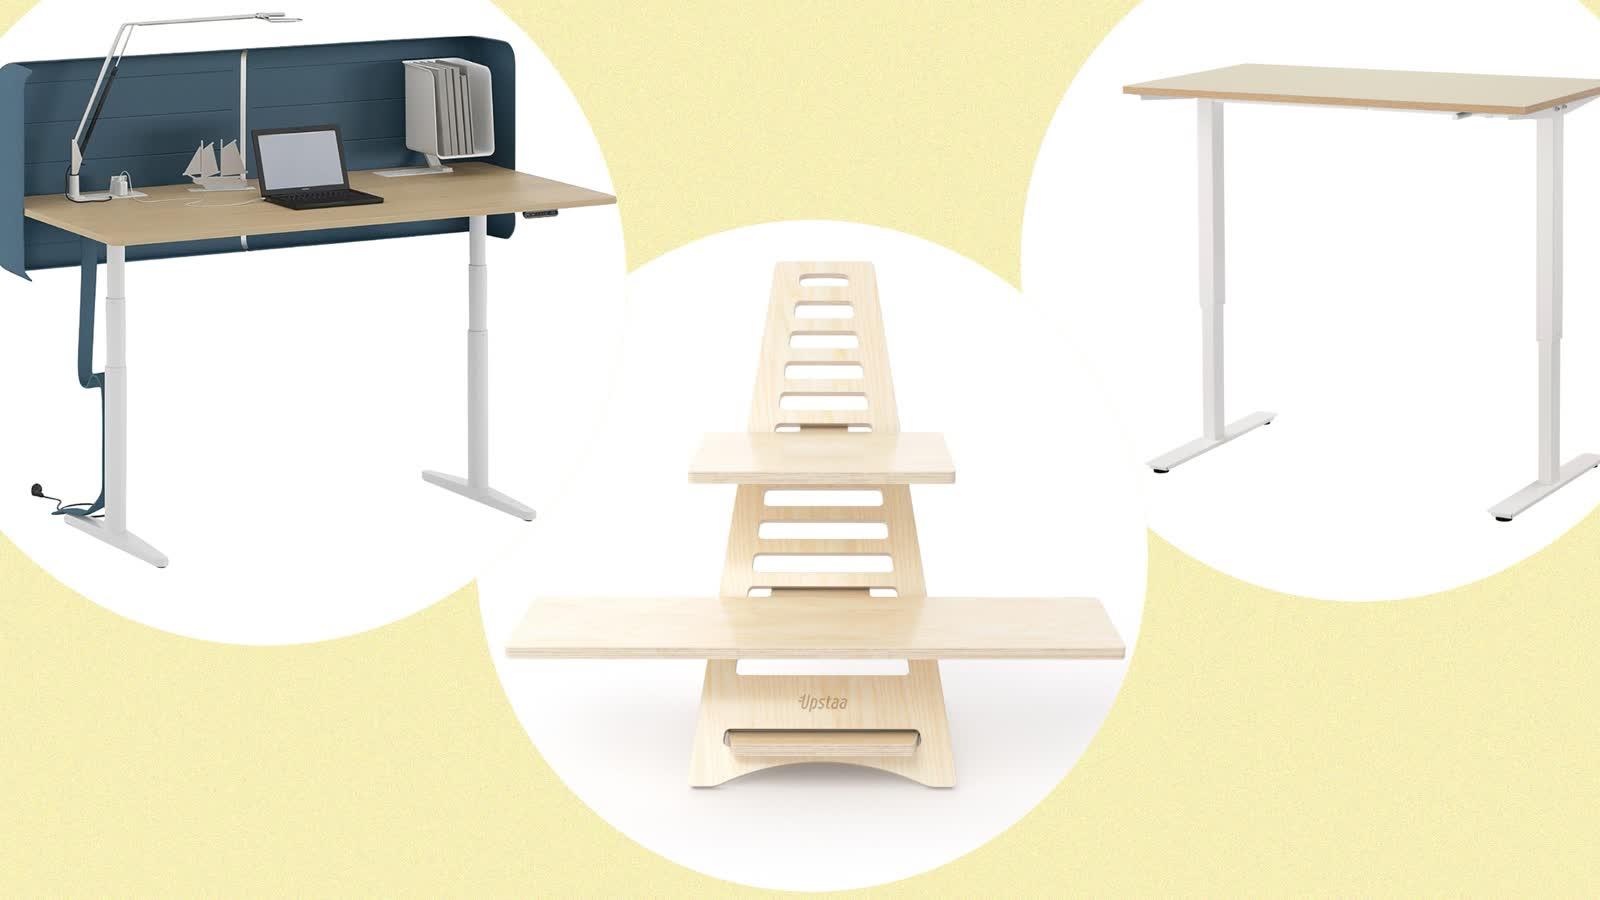 Höhenverstellbarer Schreibtisch: Die 9 besten Modelle fürs Homeoffice